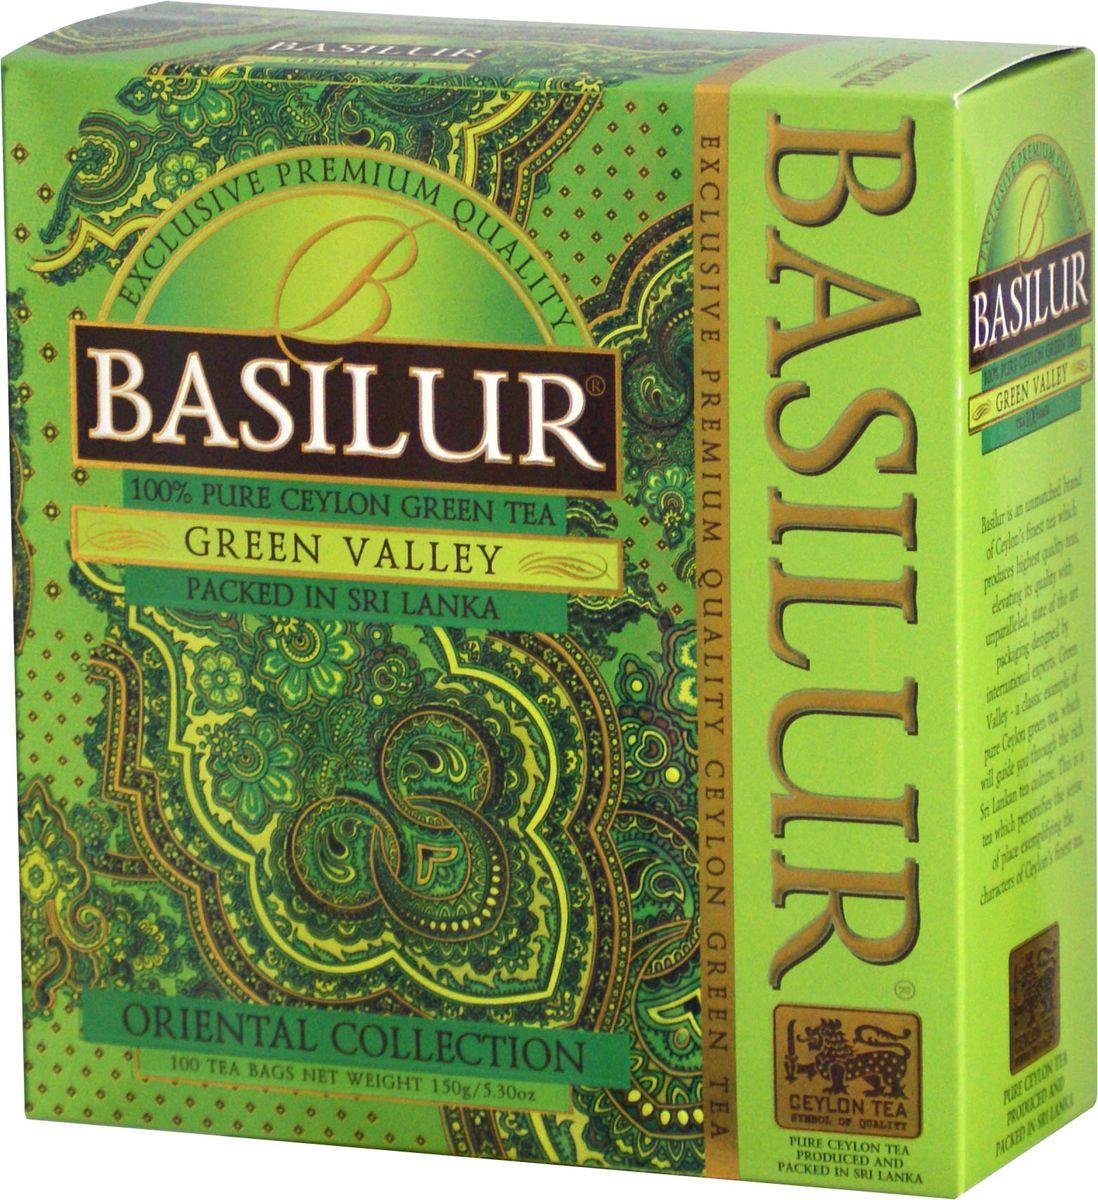 Basilur Green Valley зеленый чай в пакетиках, 100 шт70929-00Basilur Green Valley - зеленый байховый мелколистовой чай в пакетиках с ярлычками для разовой заварки. Приятный на вкус и богатый своими отличительными свойствами цейлонский зелёный чай является кульминацией богатой истории выращивания чая на острове Цейлон. Ценные компоненты входящие в его состав, такие как флавоноиды, антиоксиданты и катехины, предотвращают окислительное повреждение в клетках лучше чем витамины С и Е, делая чай отличным помощником в поддержании здорового образа жизни и приятным напитком в течении всего года.